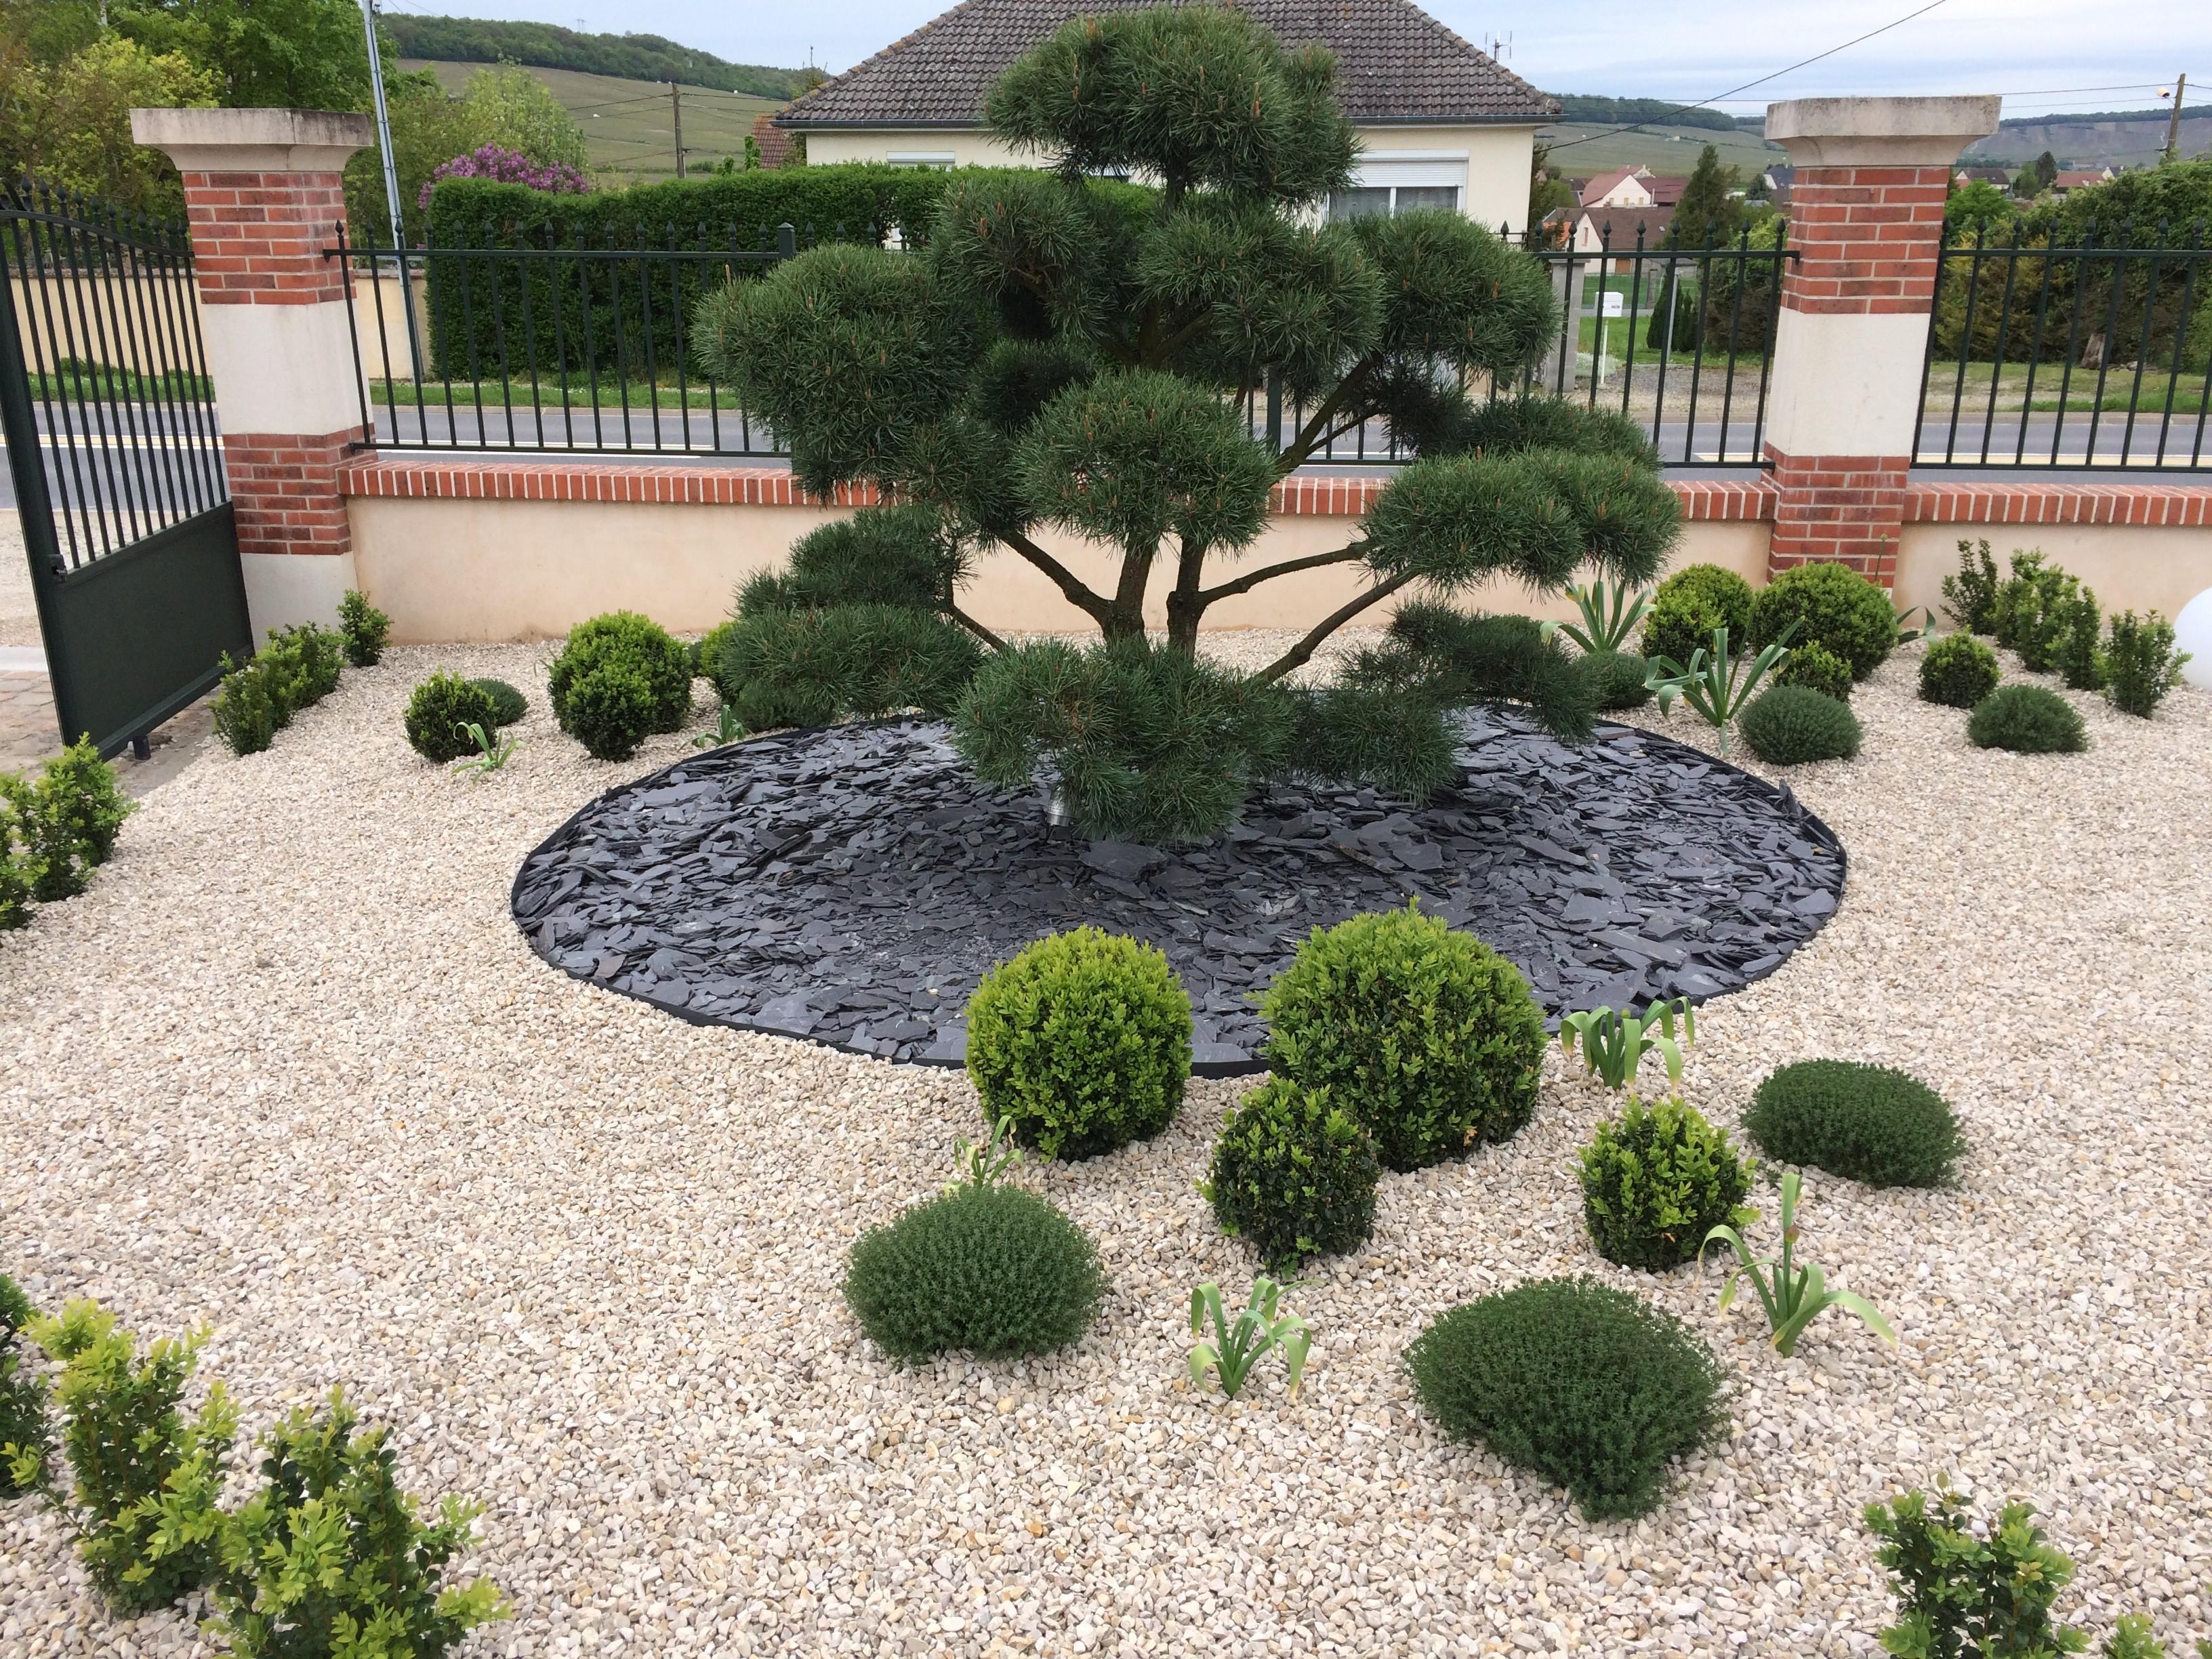 les espaces verts de la champagne pour la beaut de votre jardin epernay depuis 1976. Black Bedroom Furniture Sets. Home Design Ideas